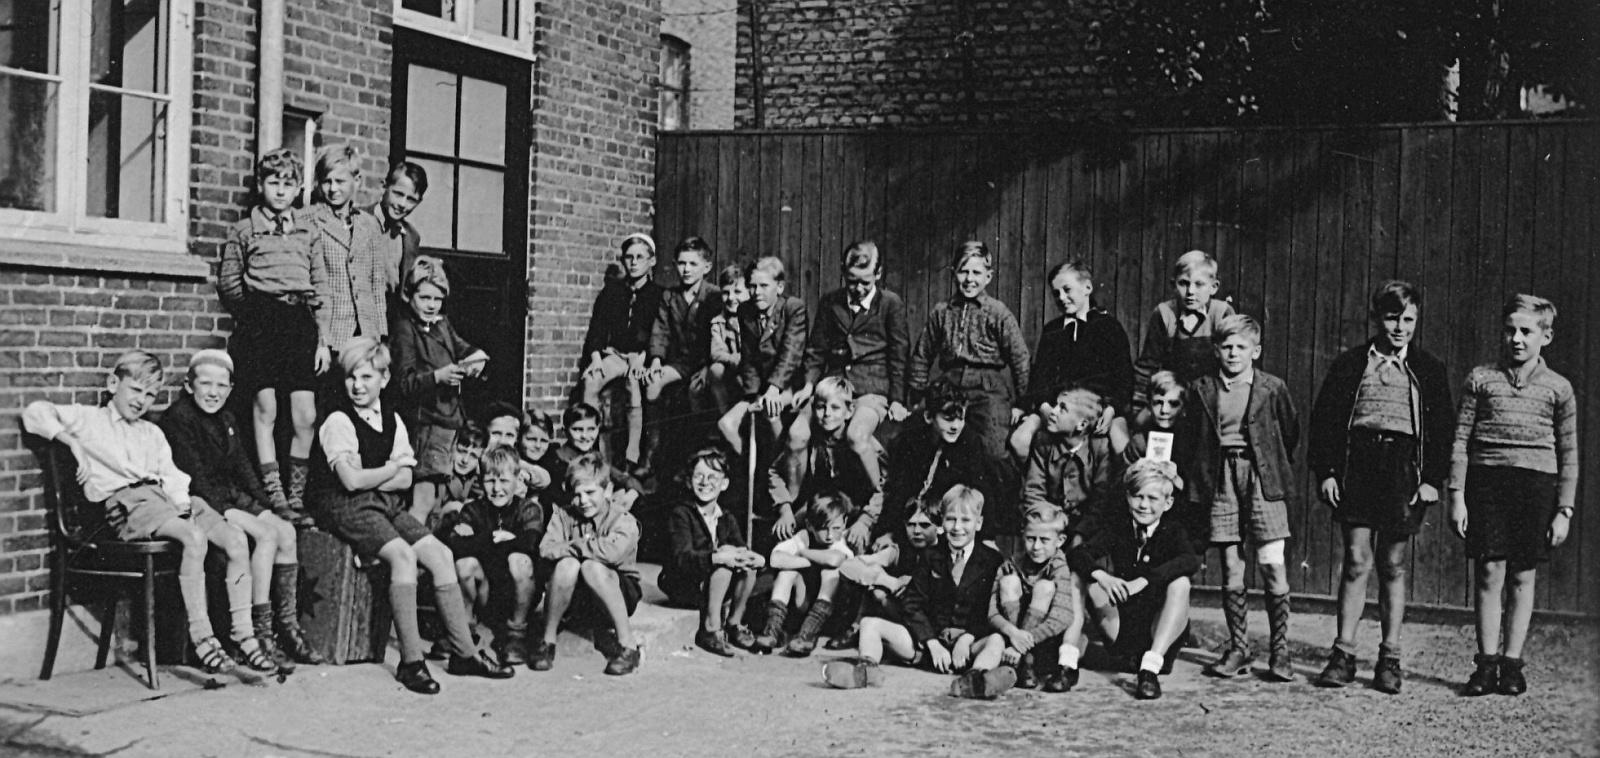 tyske krigsflygtninge 1945 i københavn